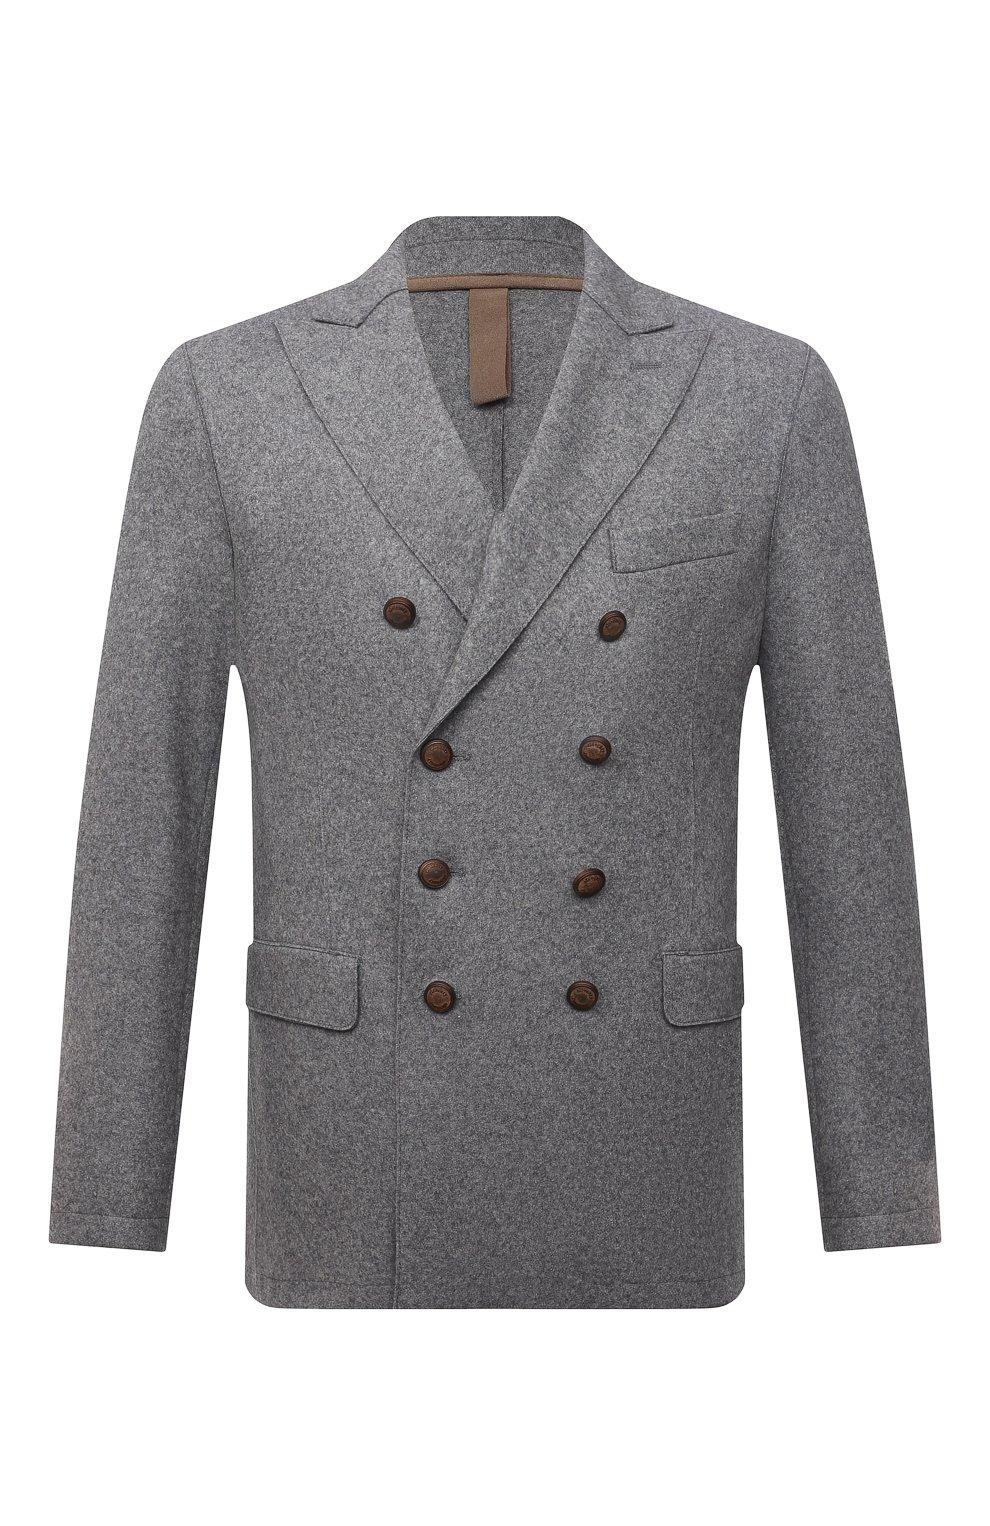 Мужской шерстяной пиджак ELEVENTY темно-серого цвета, арт. D70GIAD06 JAC24018 | Фото 1 (Материал внешний: Шерсть; Рукава: Длинные; Случай: Повседневный; Длина (для топов): Стандартные; Пиджаки М: Приталенный; Стили: Кэжуэл)